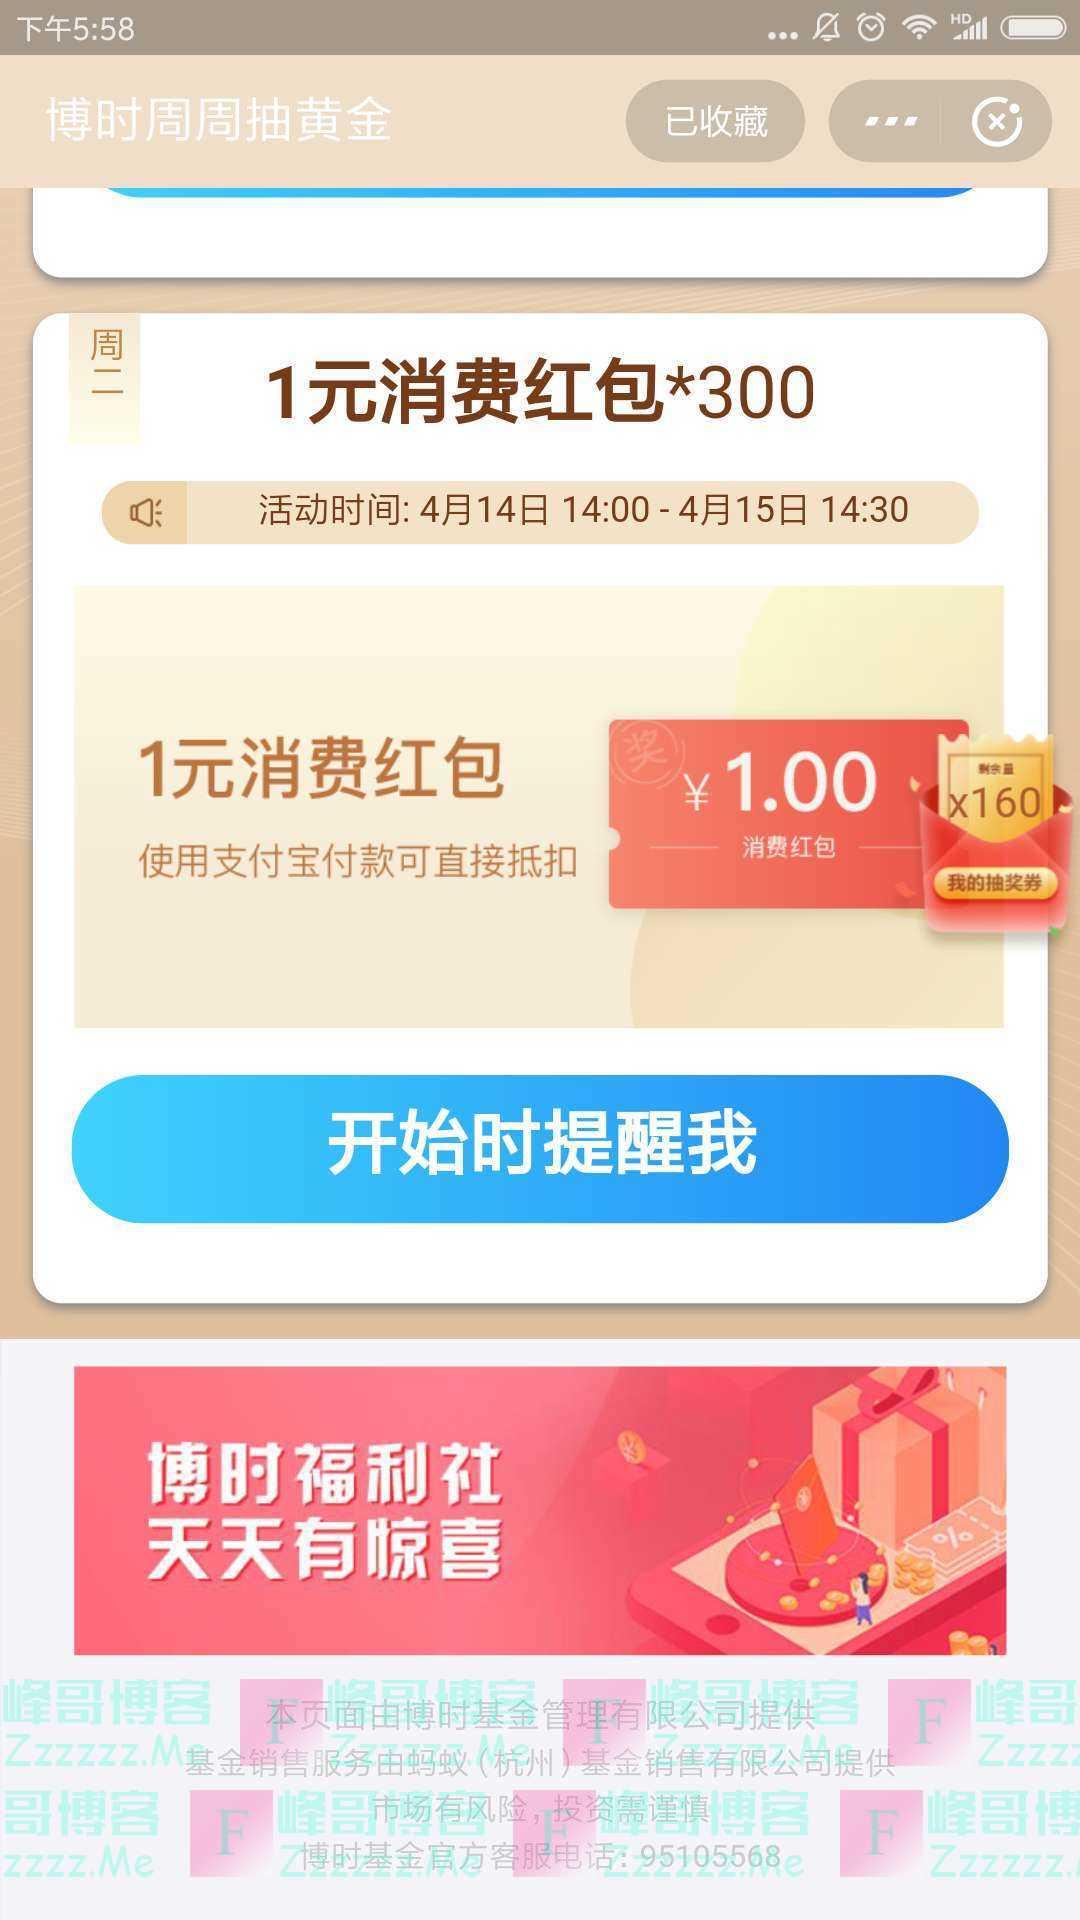 博时基金免费抽1元支付宝消费红包(截止4月15日)